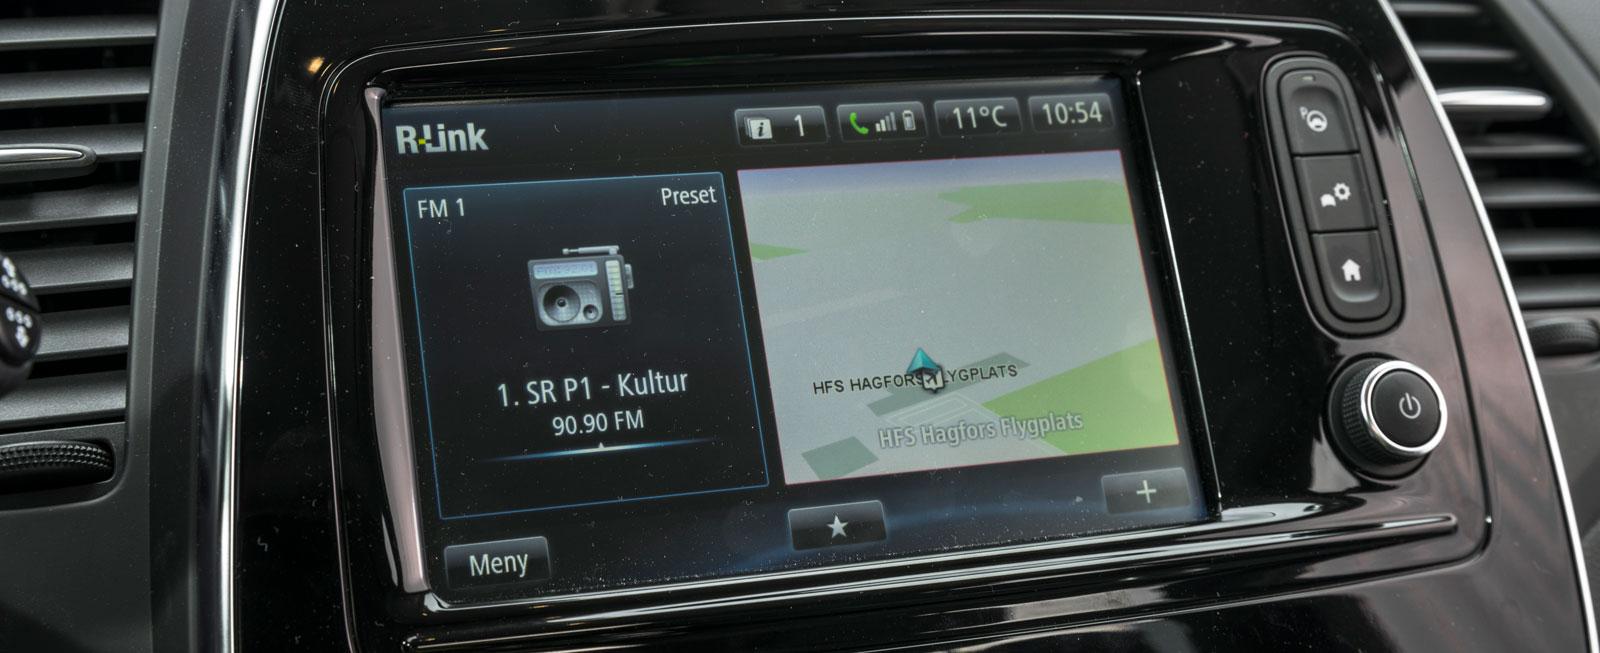 Renaults R-Link är tillval. Som helhet håller systemet i stort sett samma klass som Opels, men är krångligare att använda. Minus för att bara Android-telefoner kan speglas.